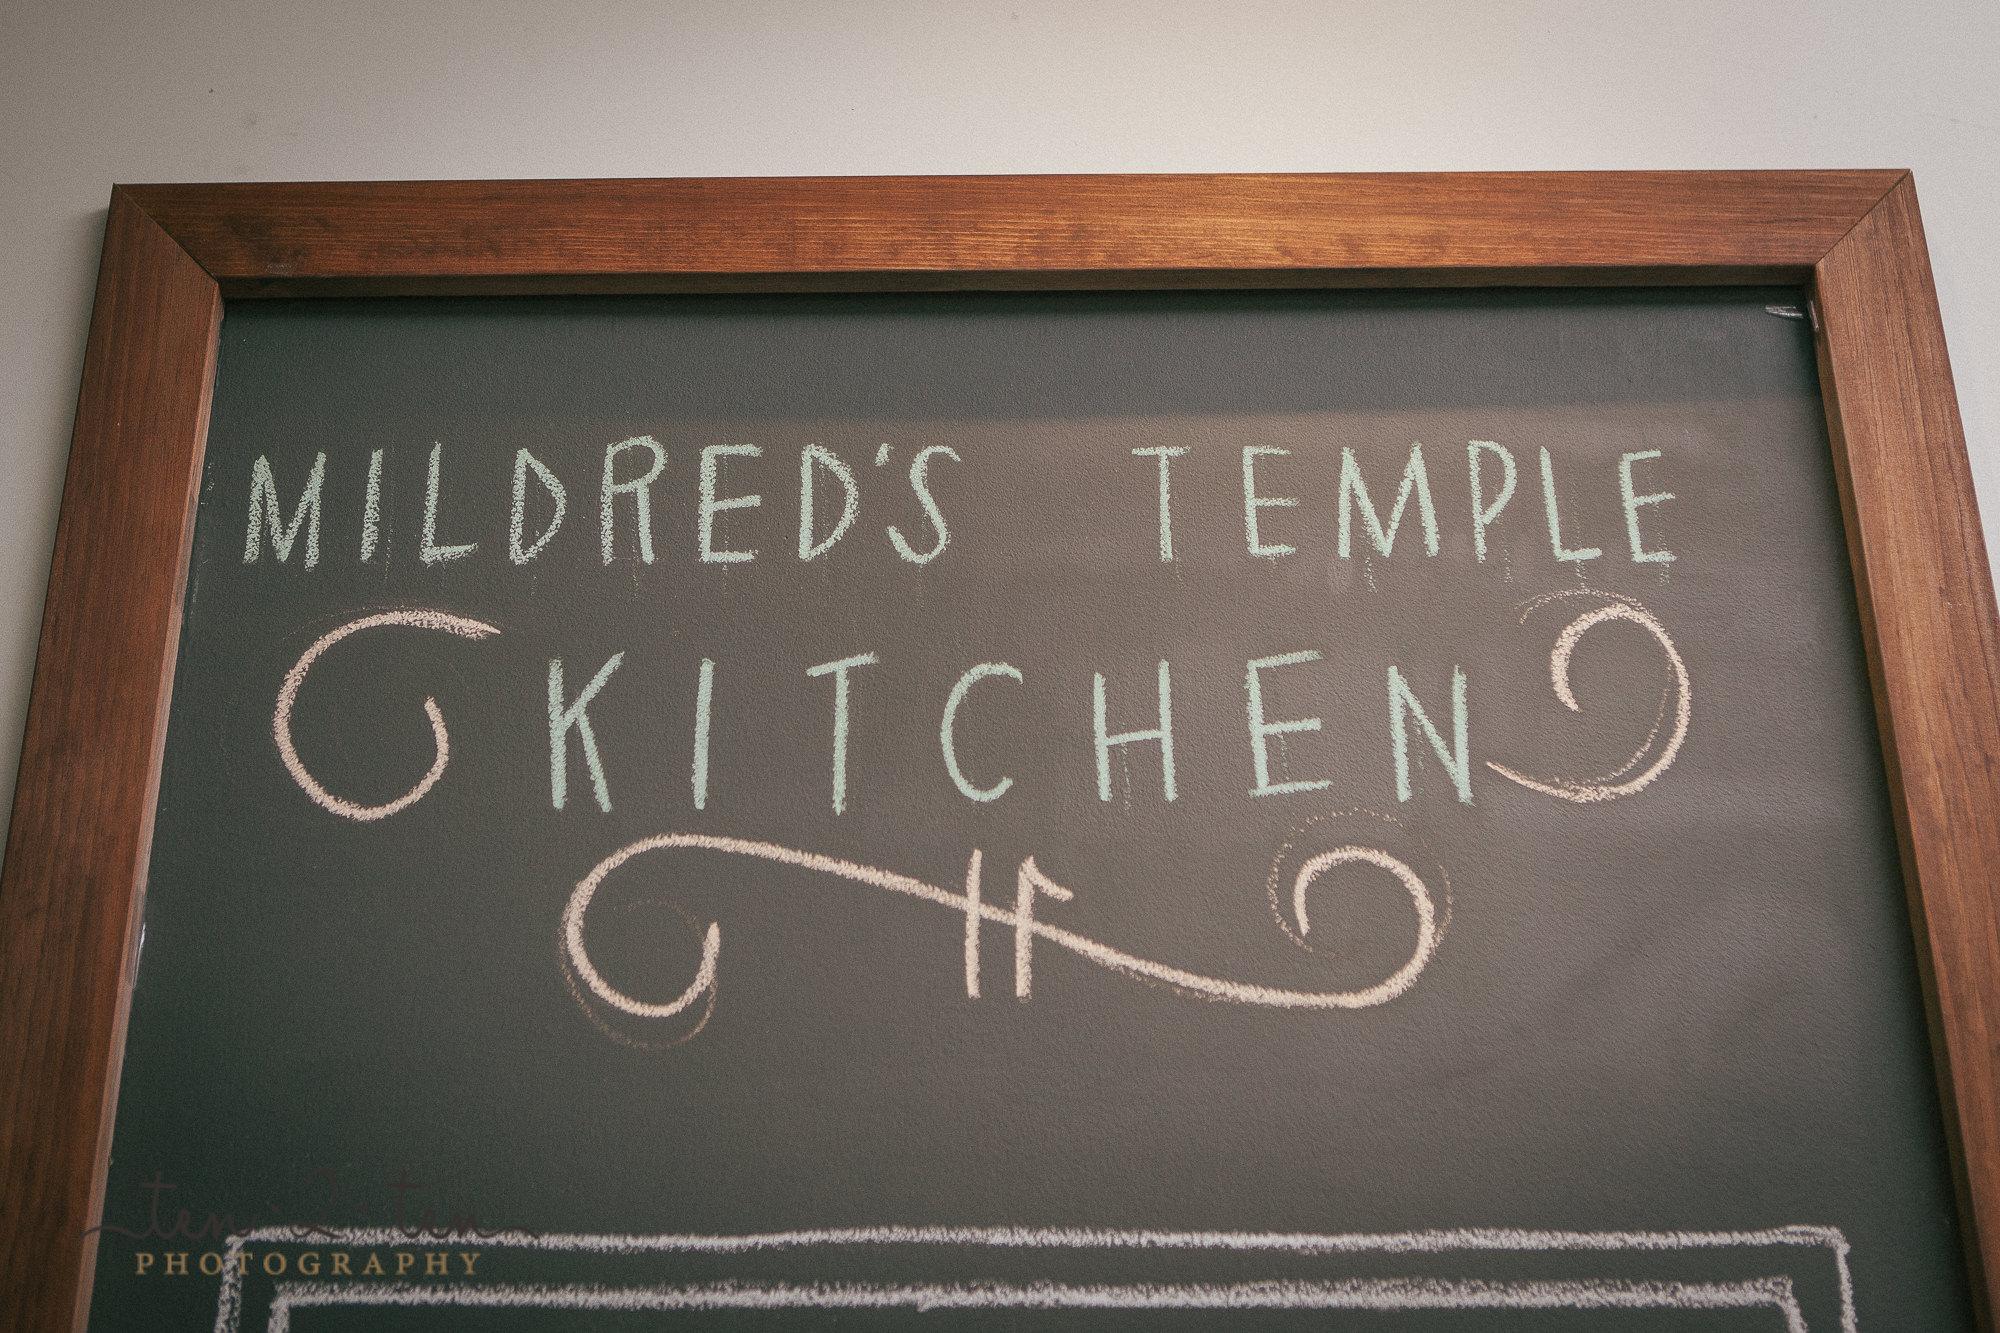 mildreds temple kitchen wedding photos 290 - Mildred's Temple Kitchen Wedding Photos